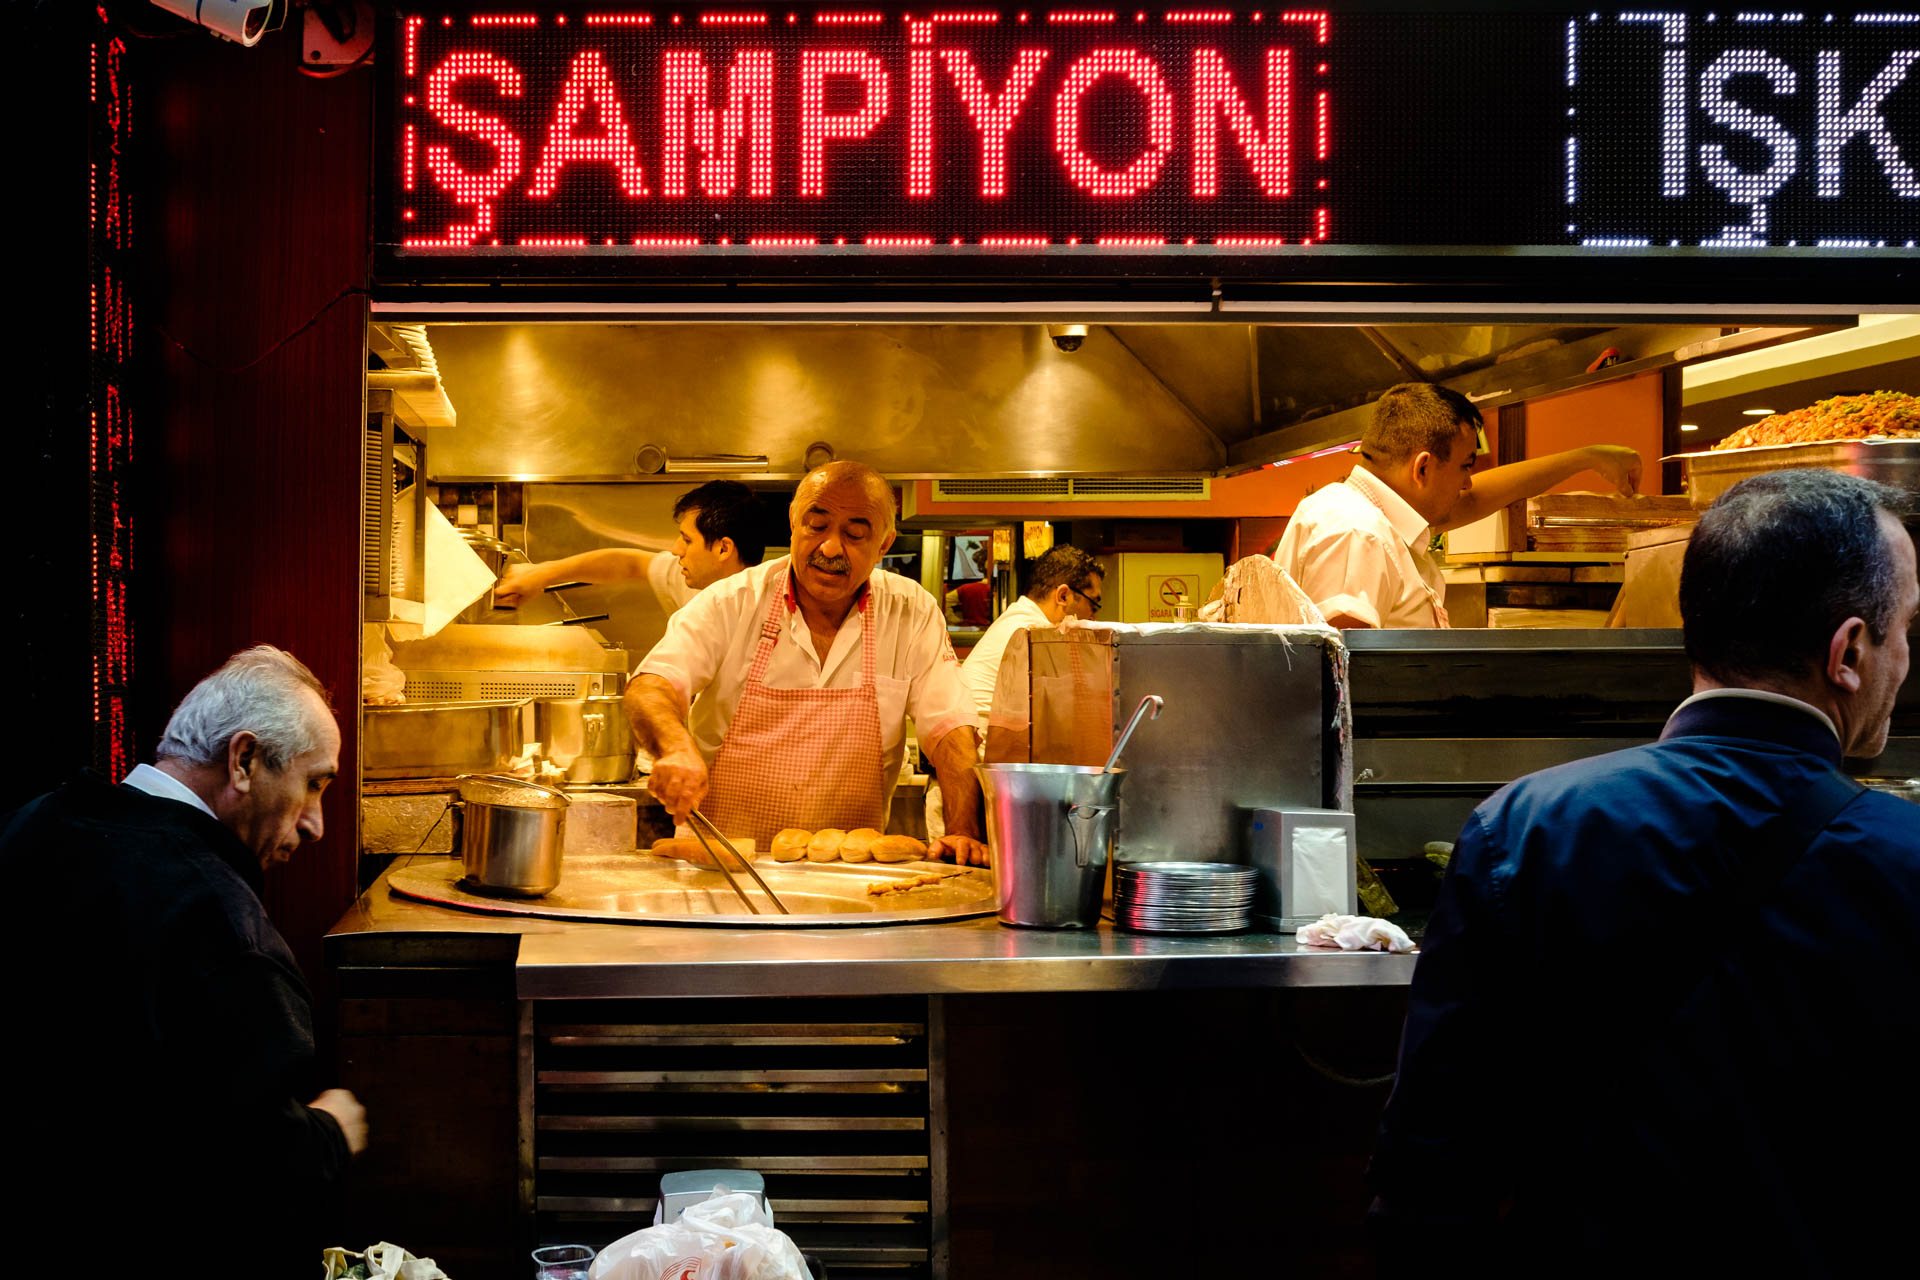 Restaurante local Estambul. Consejos de fotografía y viajes.